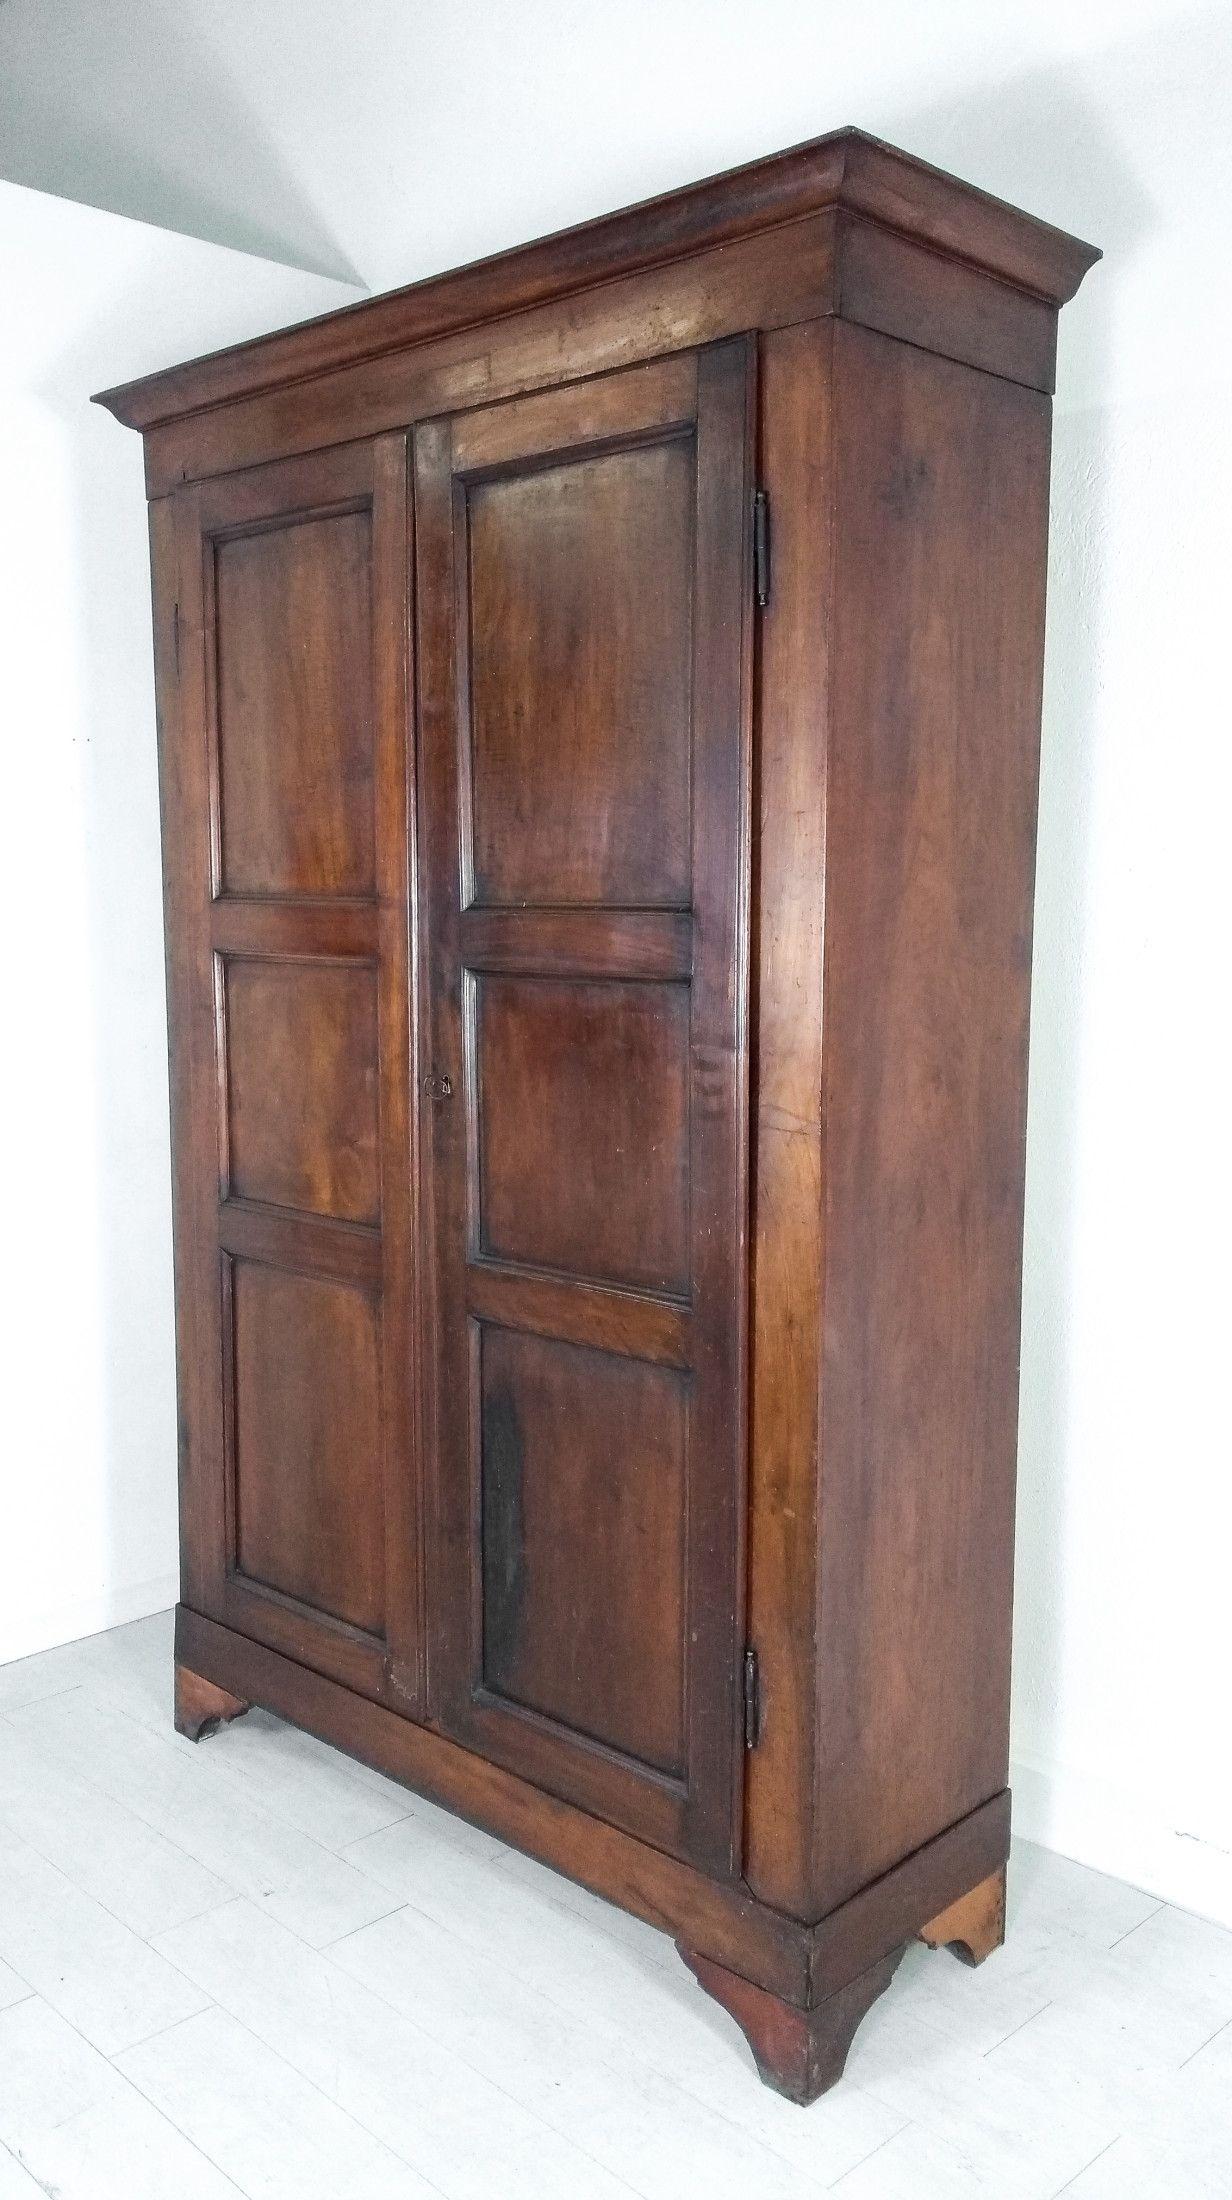 Armadio guardaroba in legno massello di noce, a due ante e